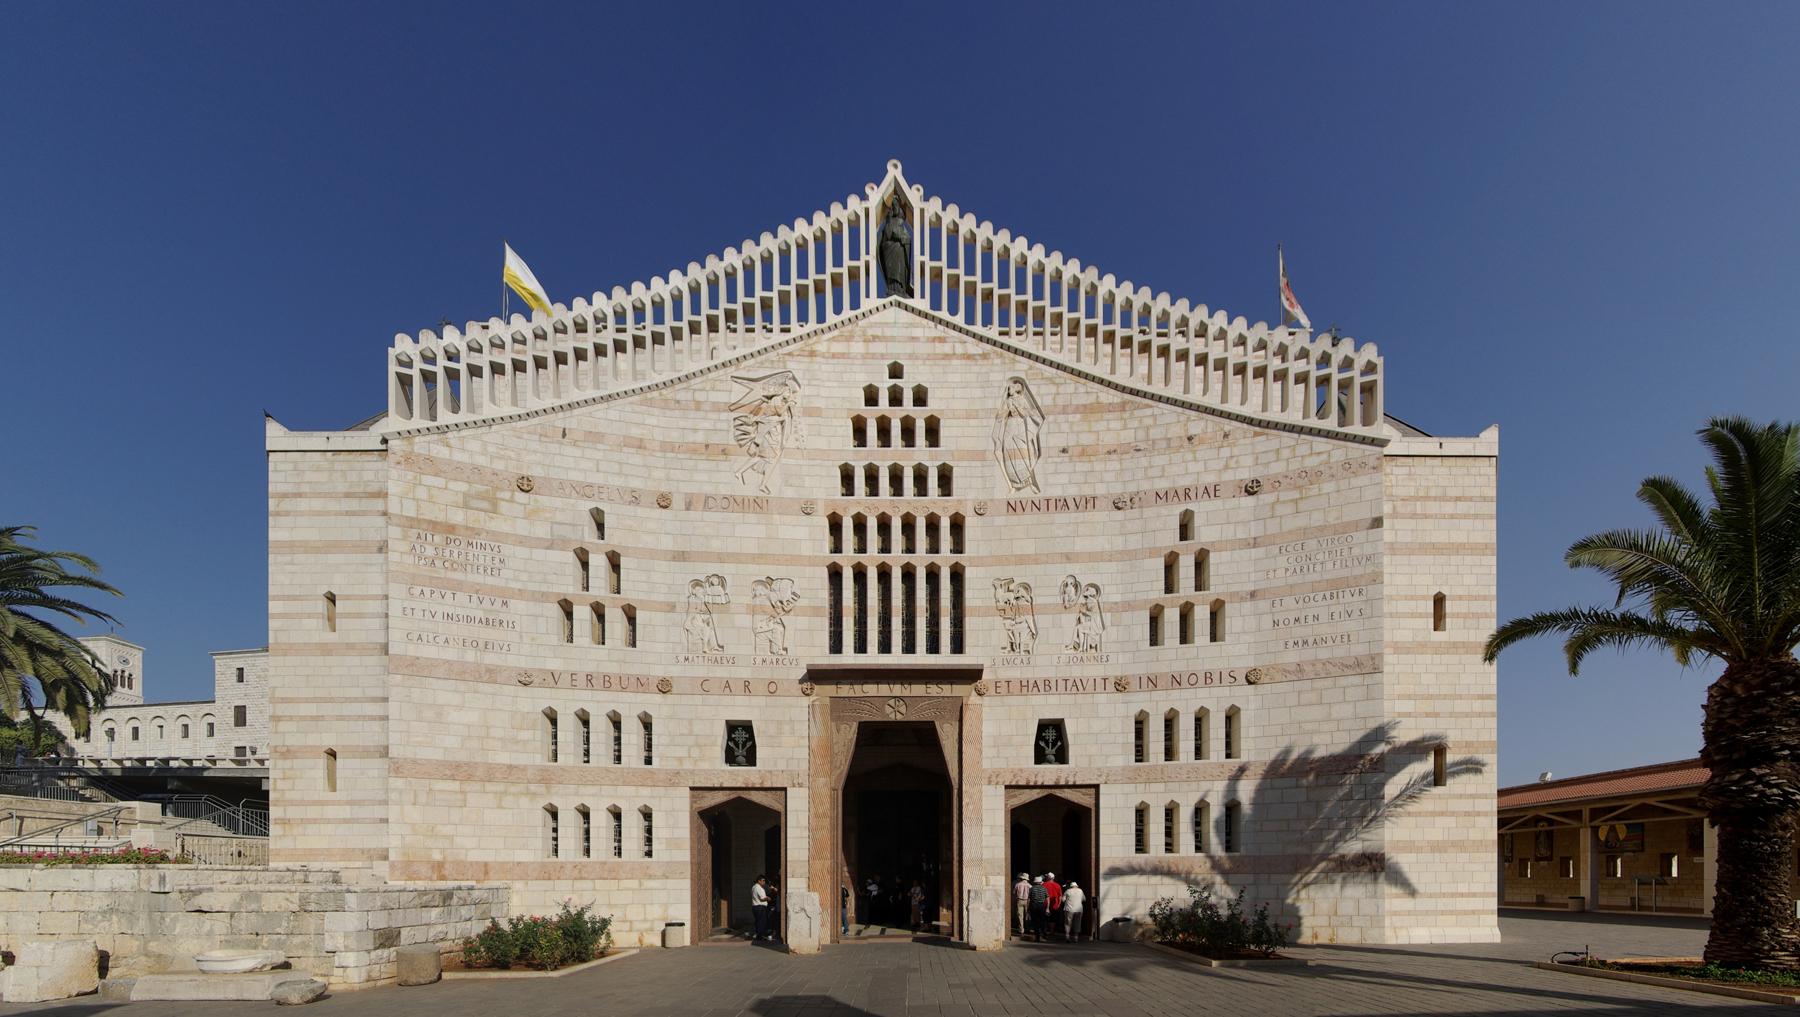 Храм Благовещения в Назарете в Израиле